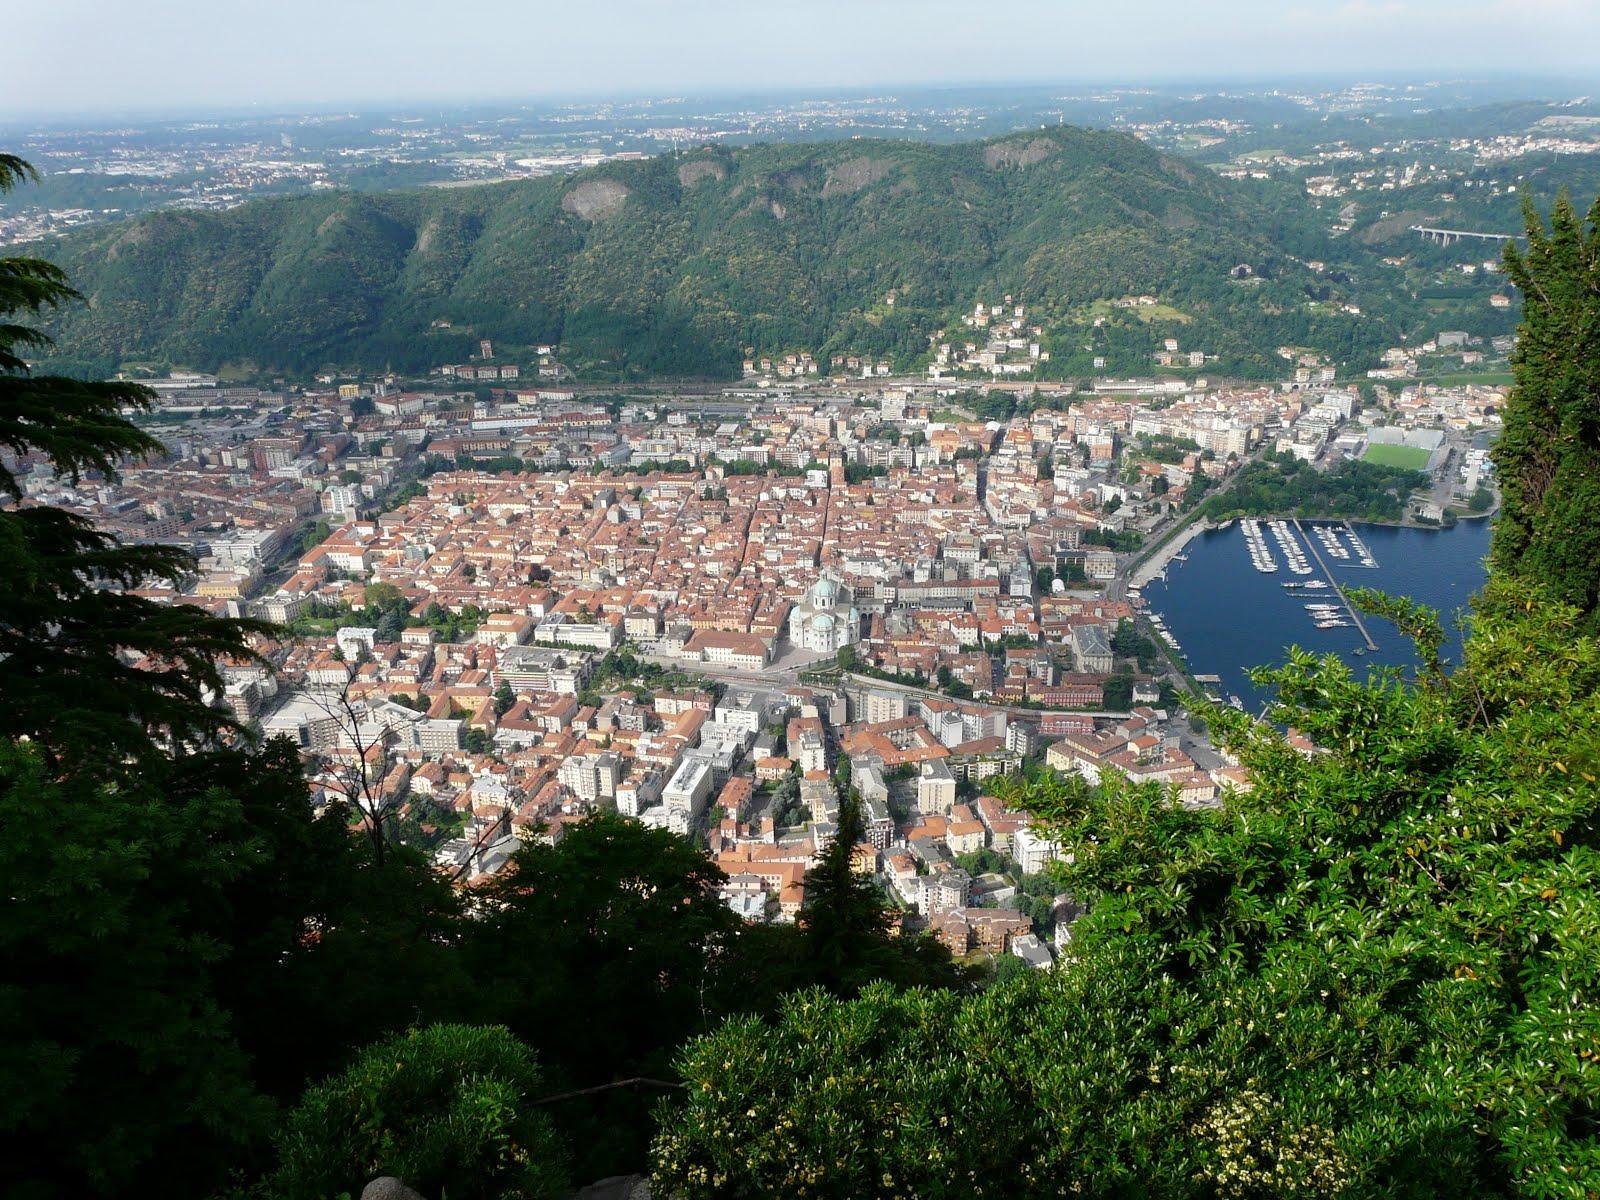 COMO CITY